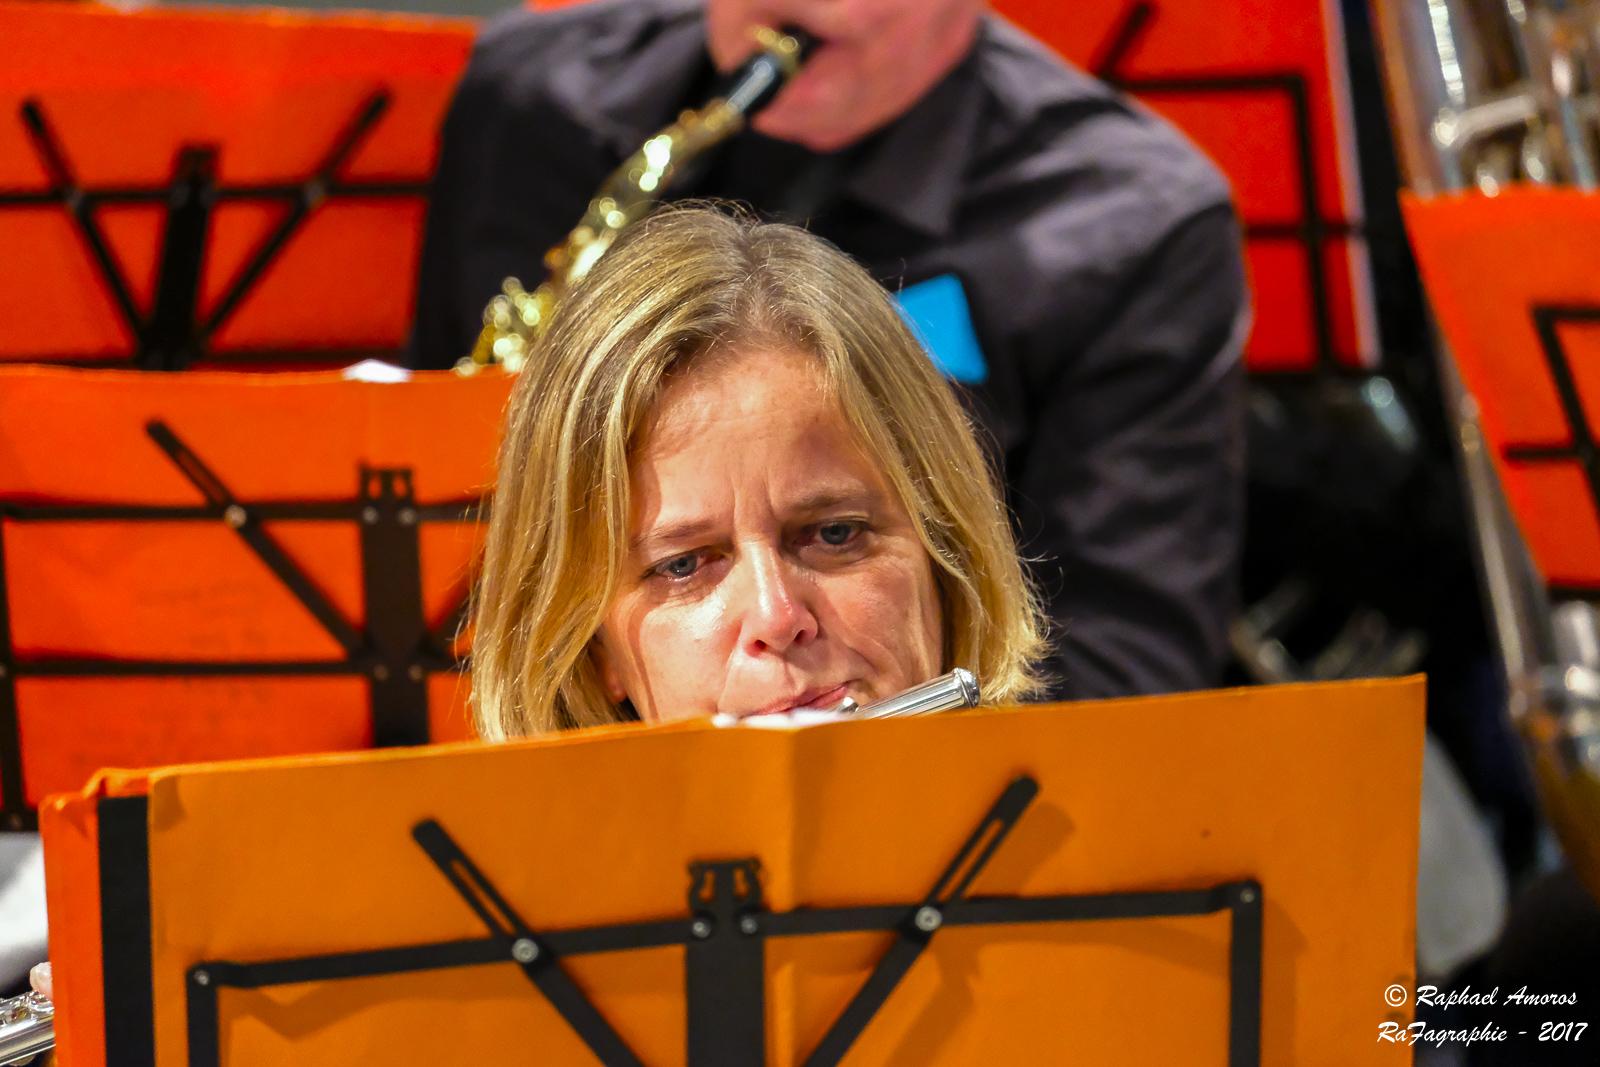 Harmonie Saint-Péray CEP Le Prieuré Saint-Peray 07130 Orchestre RaFagraphie Concert